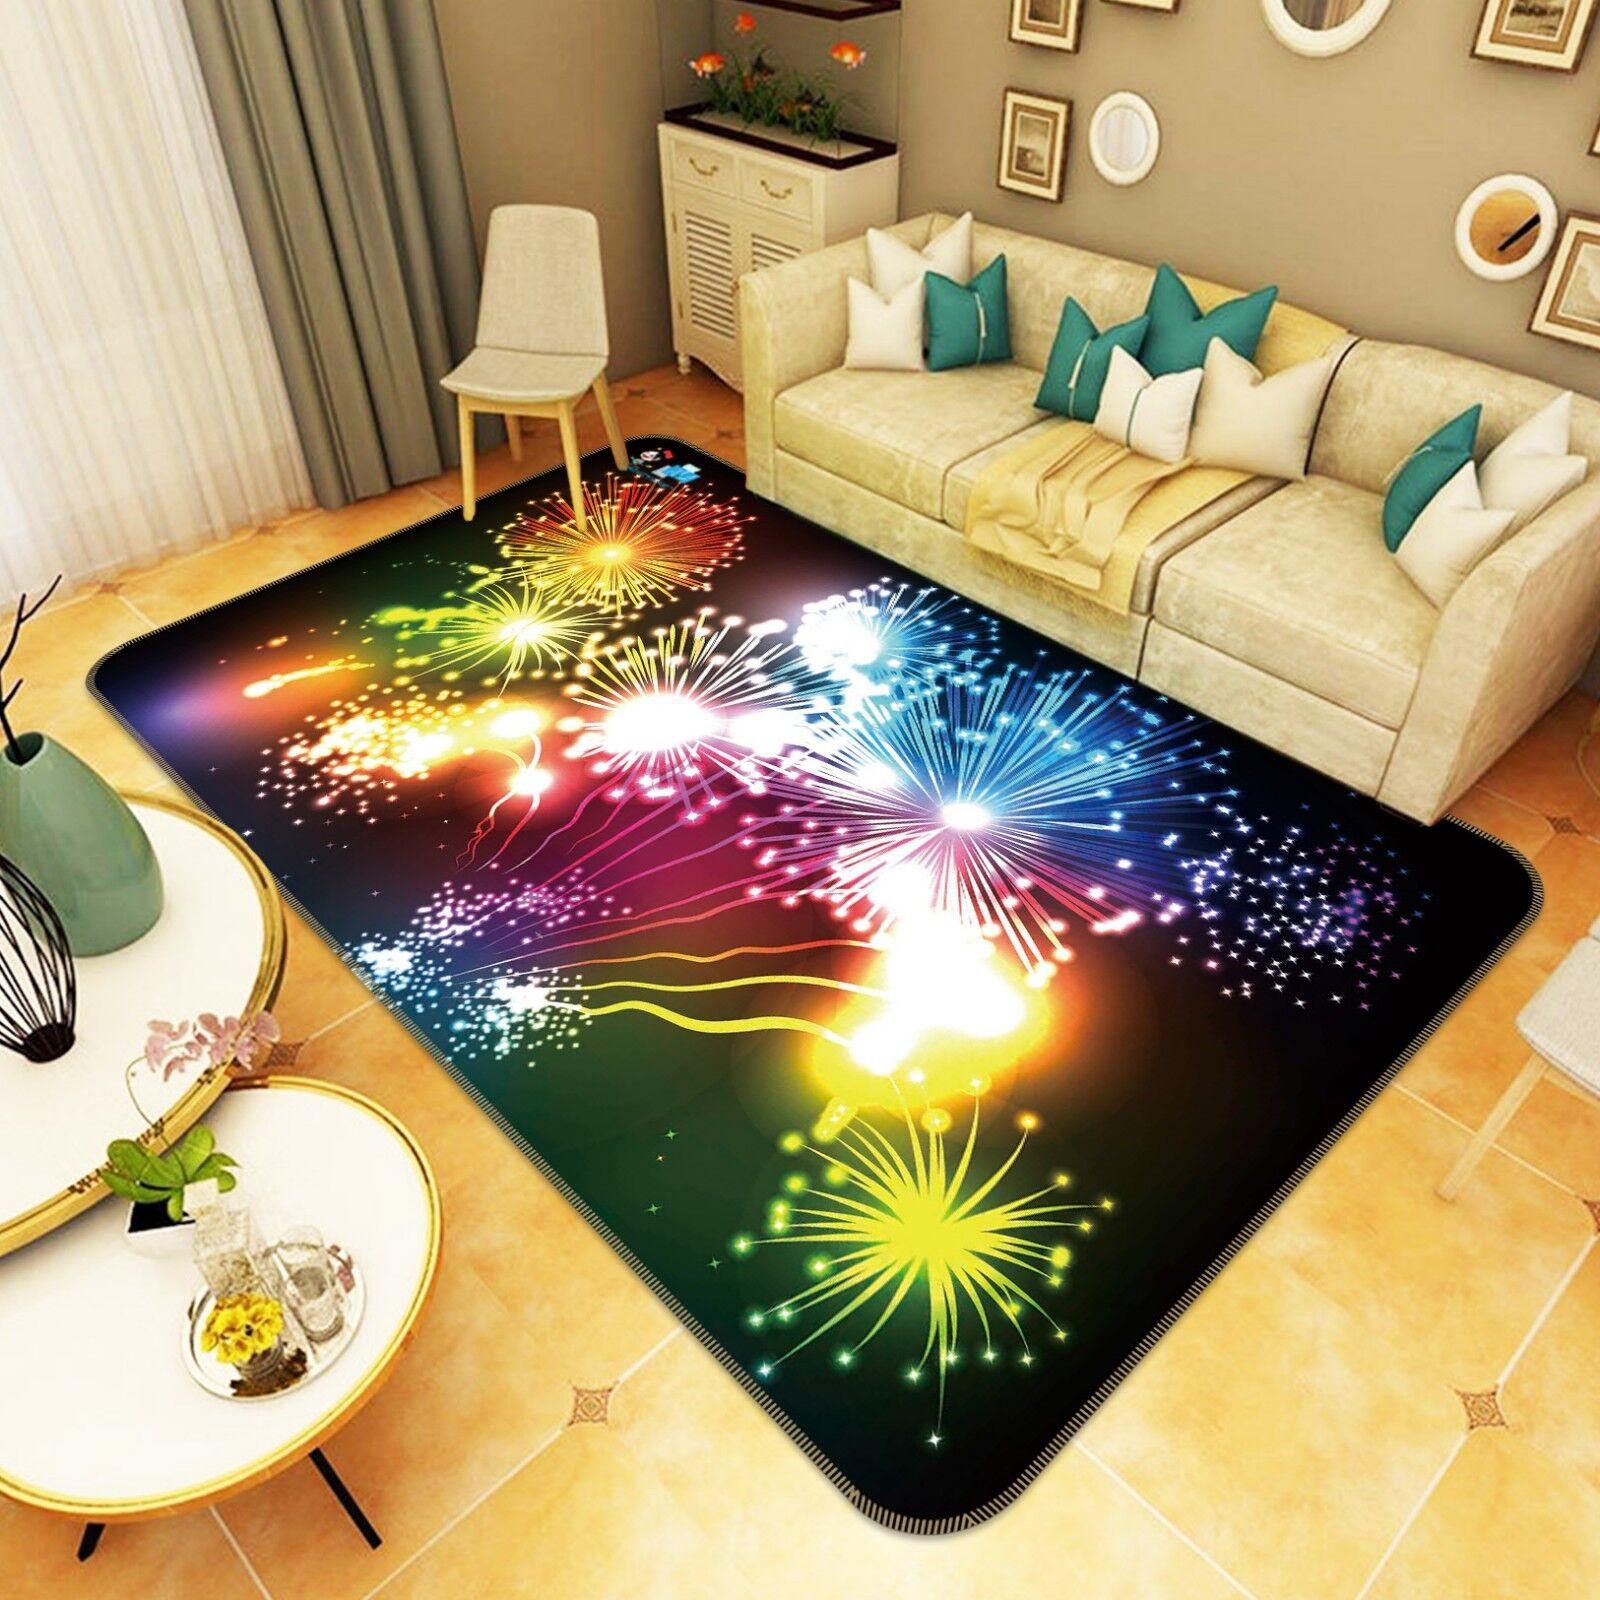 3D NOTTE FUOCO D'ARTIFICIO 778 tappetino antiscivolo tappeto camera Tappetino Qualità Elegante foto Tappeto UK